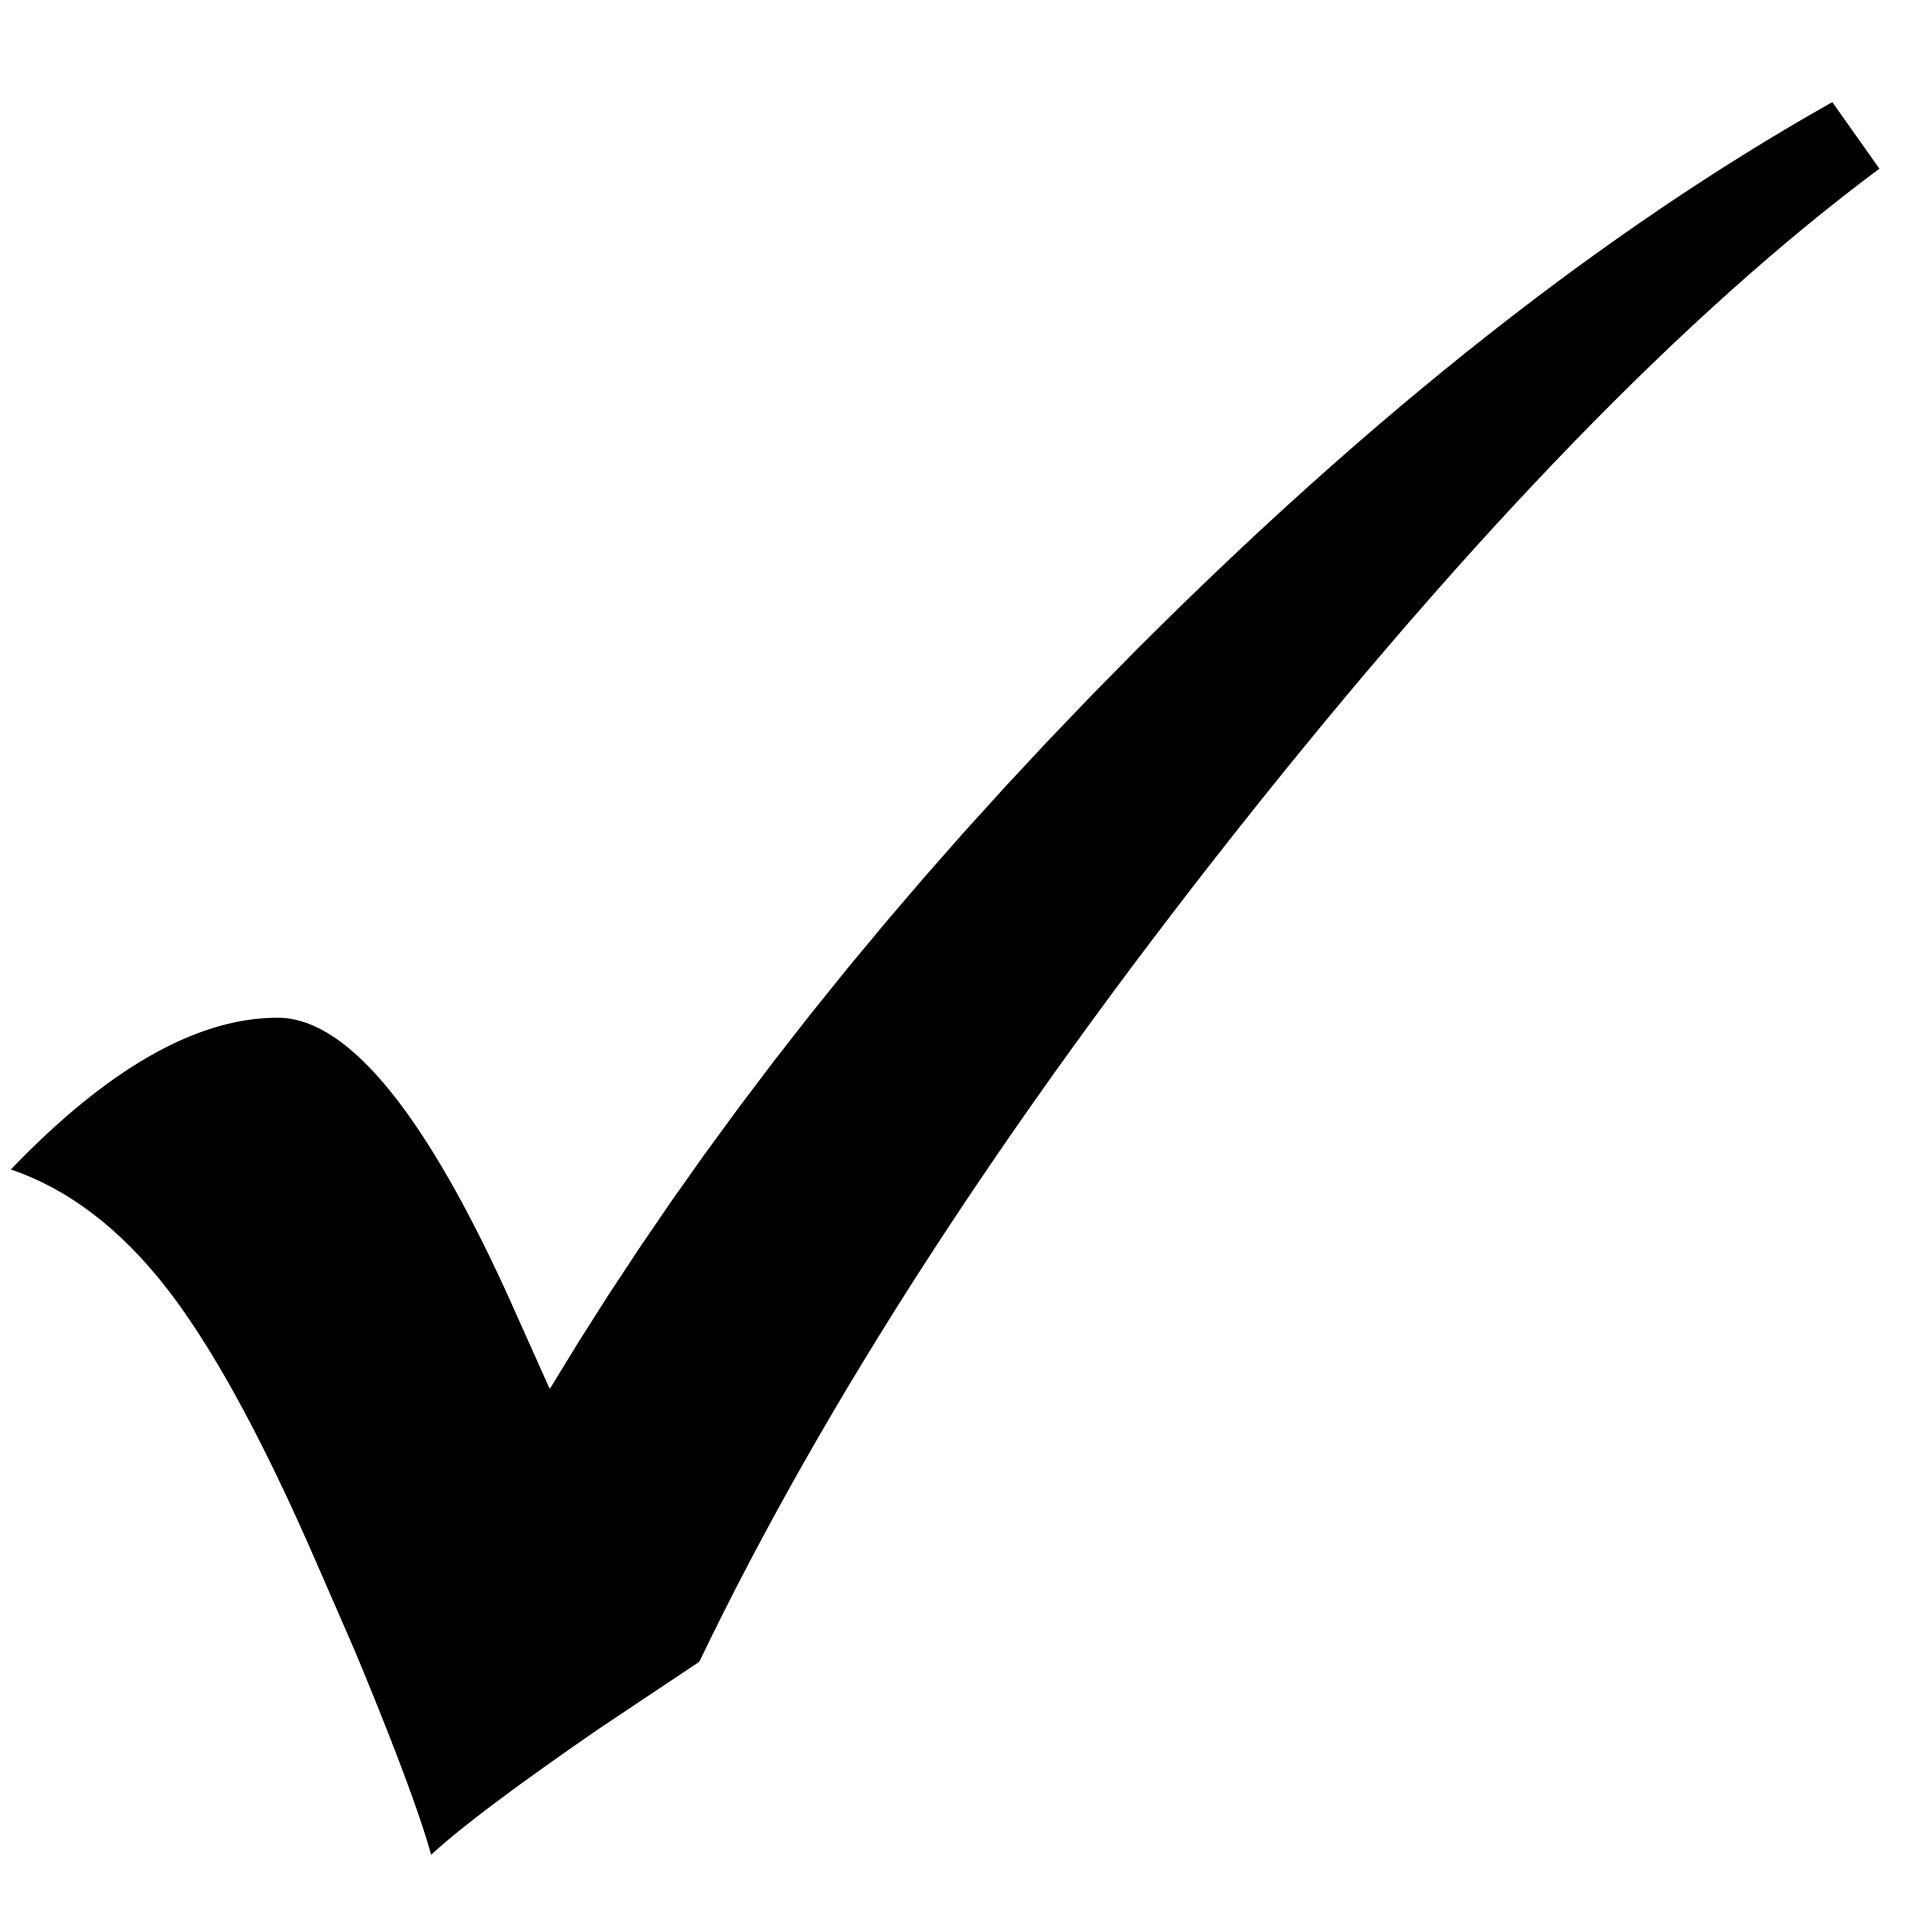 Check mark icon free. Checkmark clipart checkmart